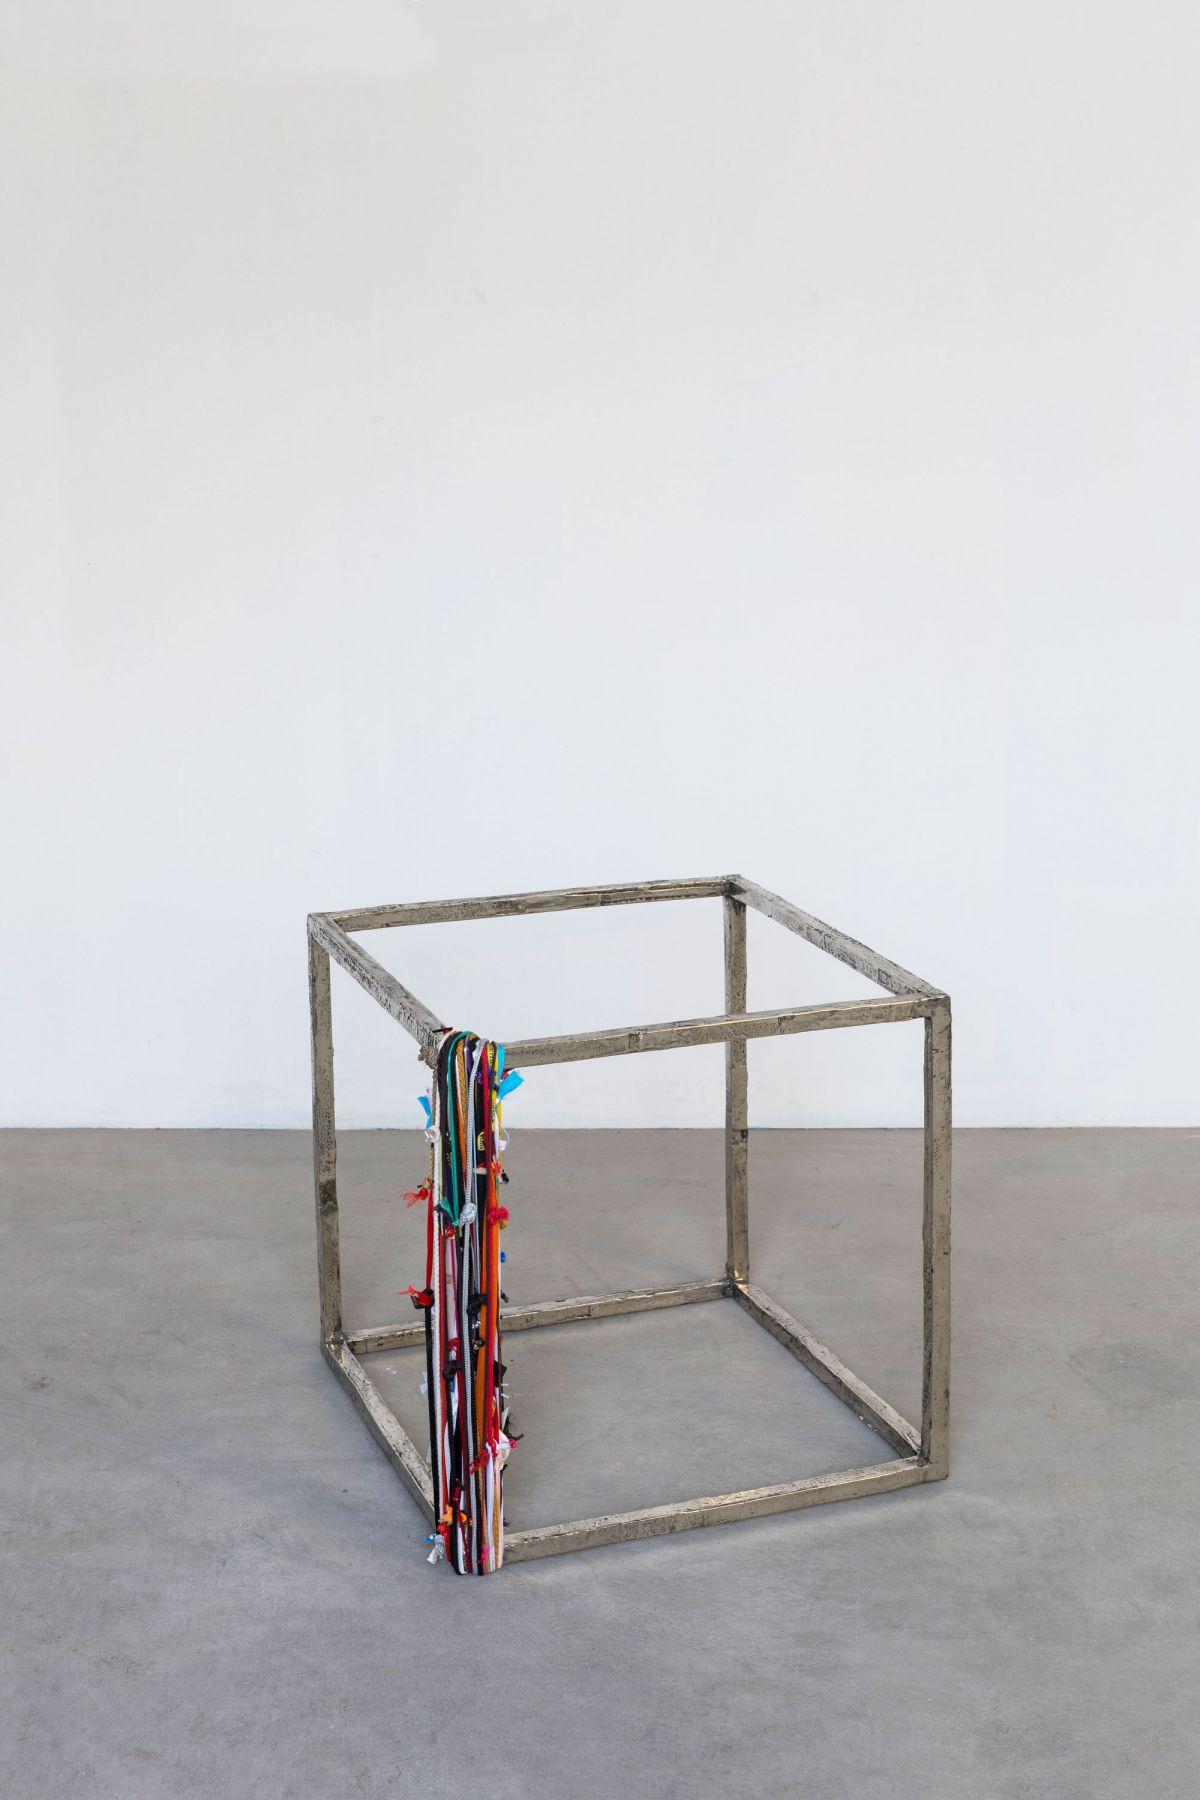 Cubo con perimetro, 2018